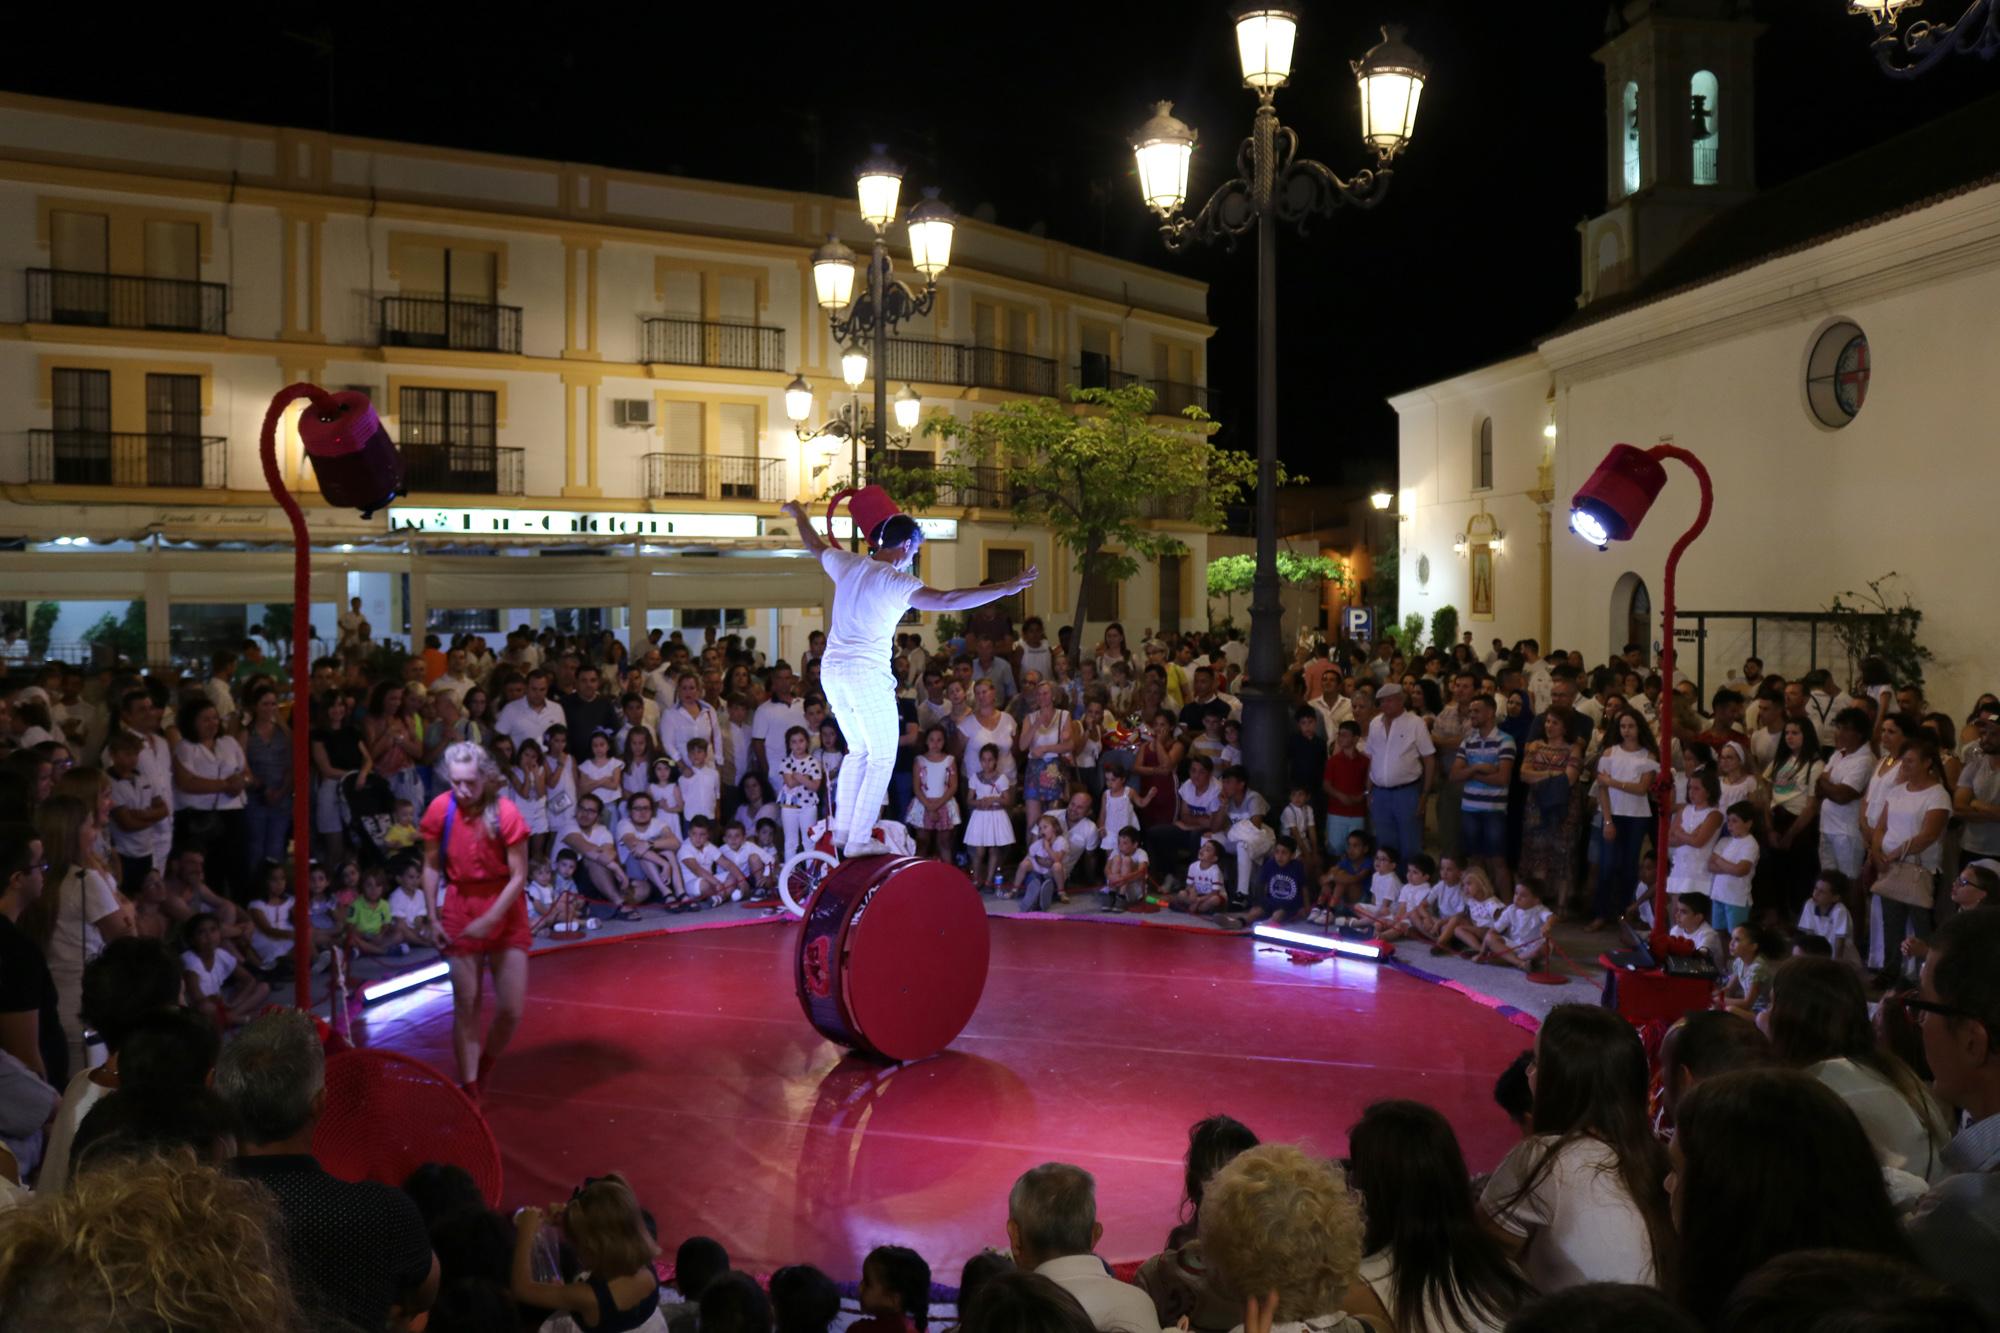 Imagen de archivo de la quinta edición de la Noche en Blanco de Cartaya, que se celebró en 2018